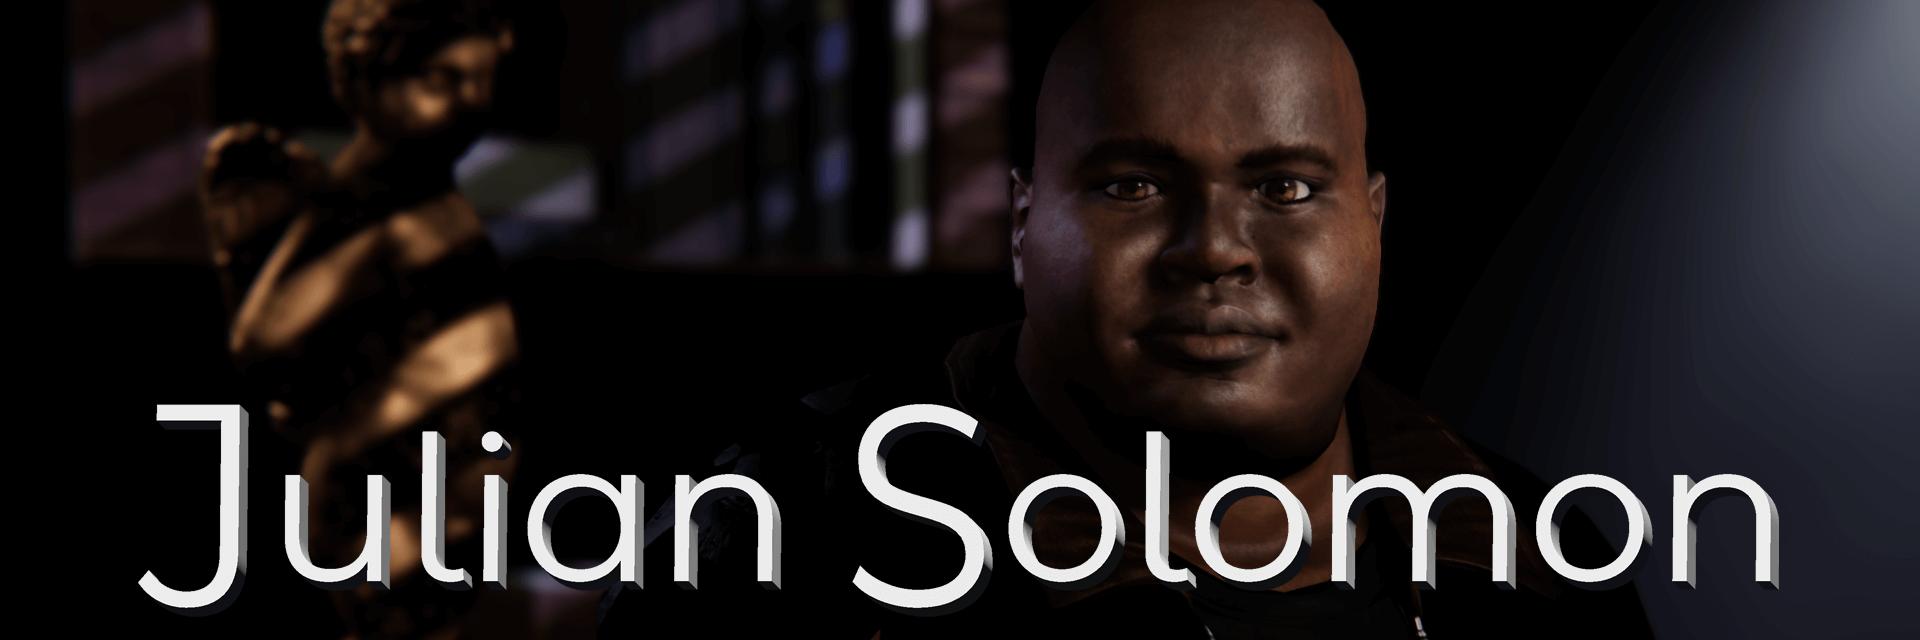 Julian Solomon